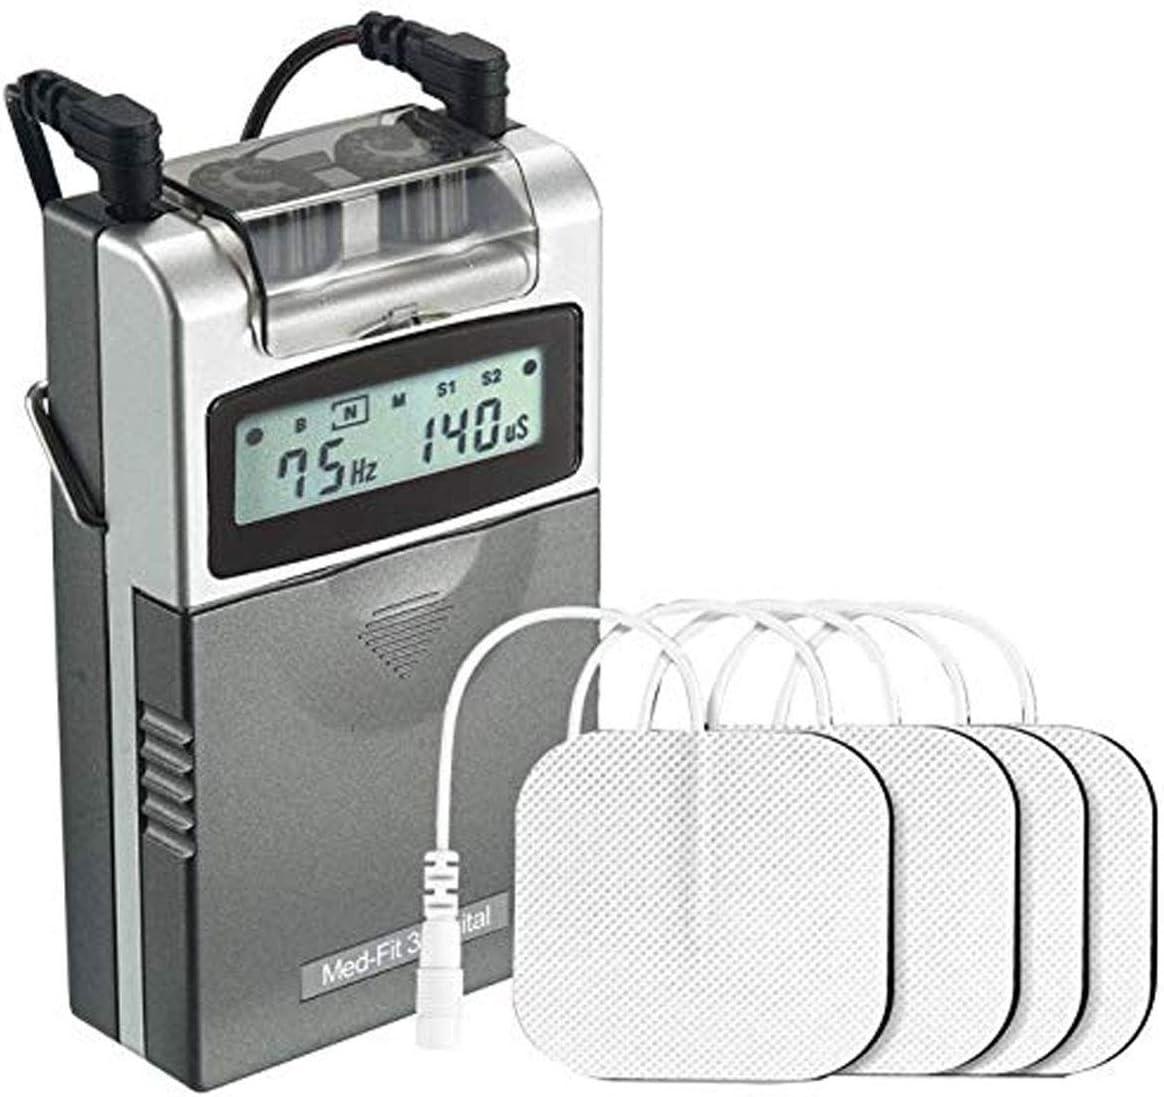 Med-Fit 3 Electrostimulador Máquina TENS digital 2 canales. Alivio rápido y eficaz del dolor